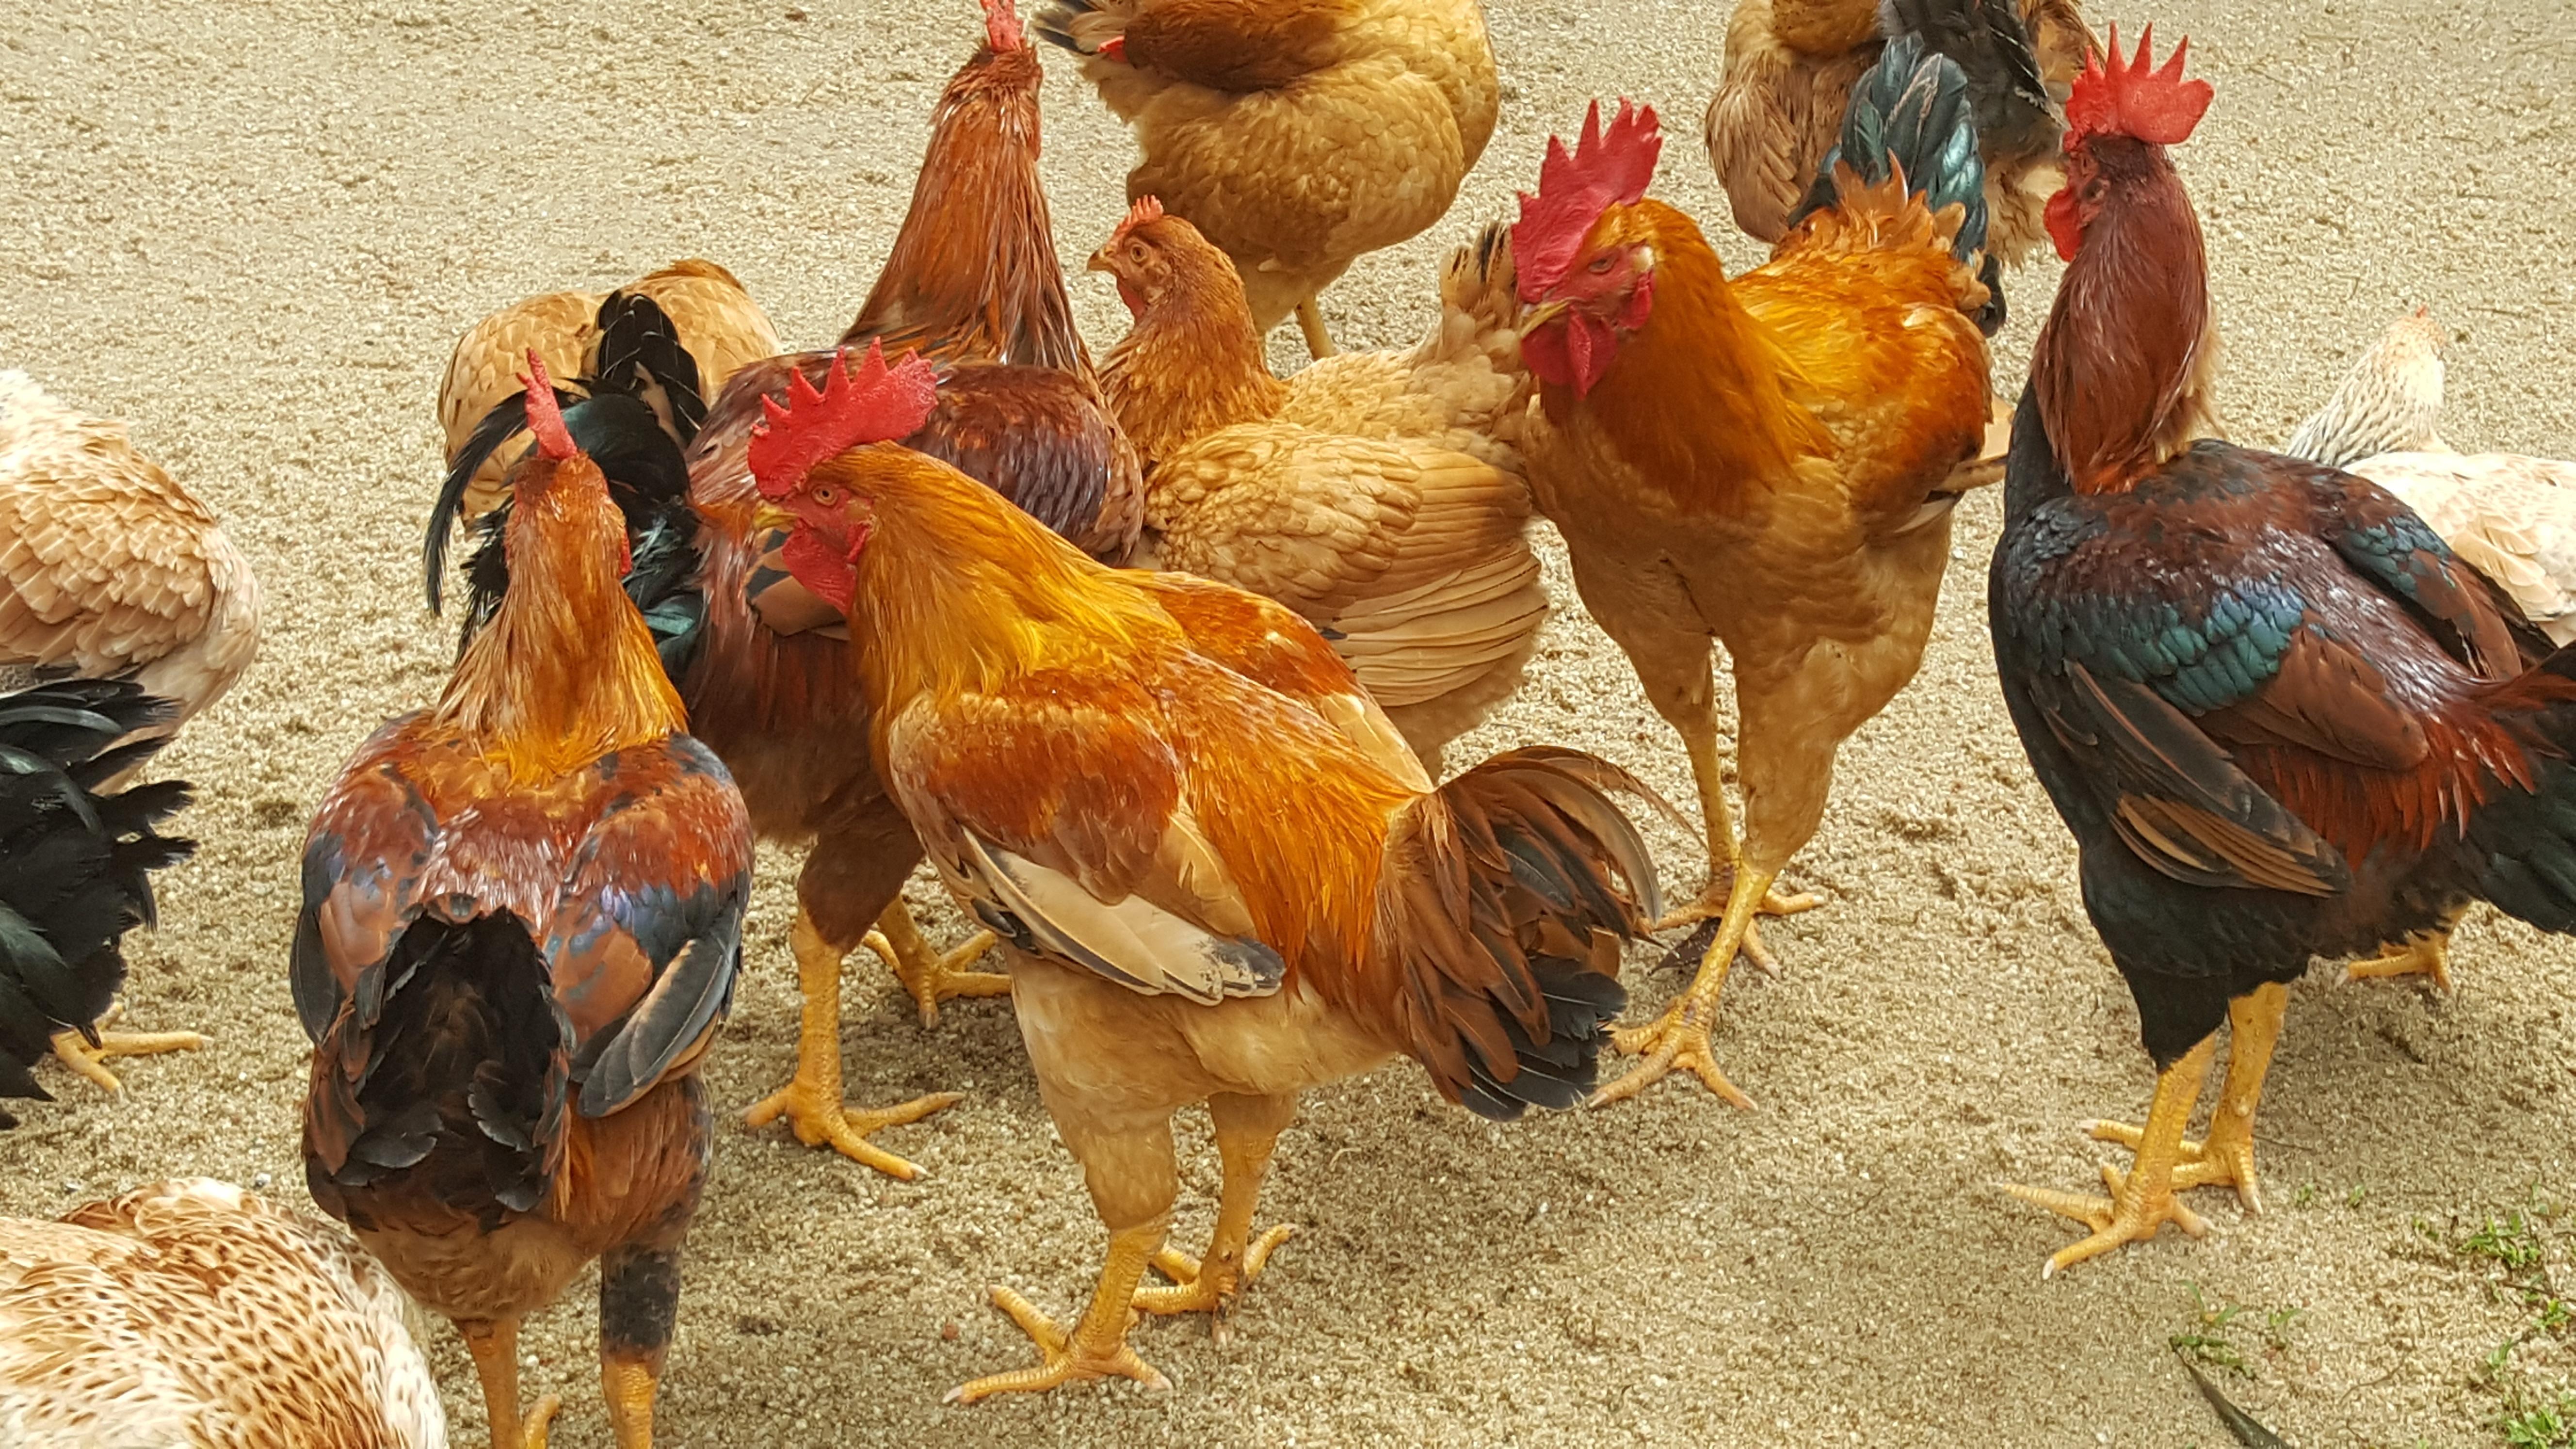 A family of Ayam Gajah